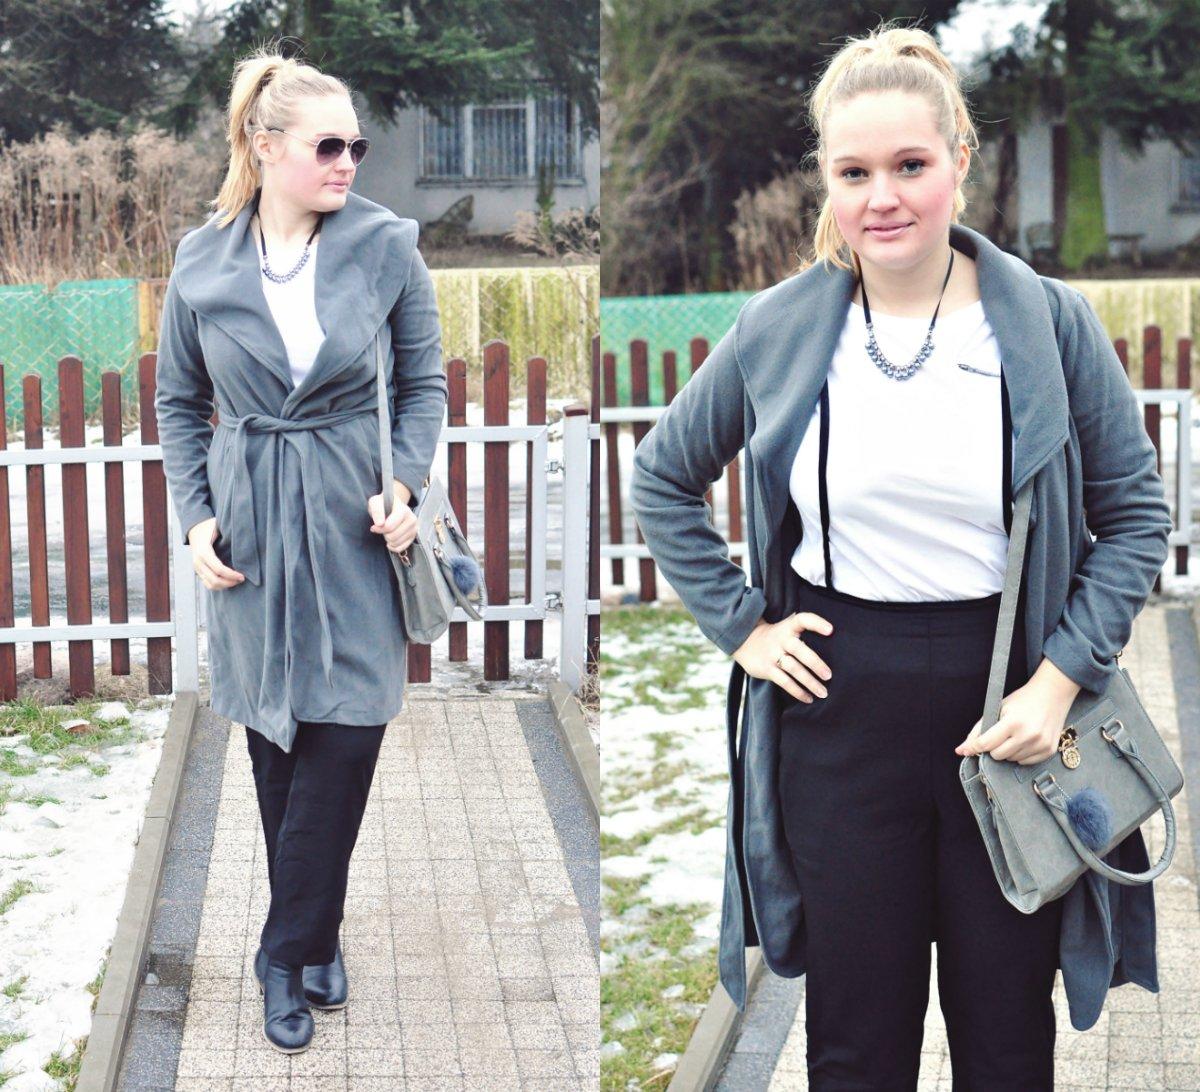 najlepsze-stylizacje_blogerka-modowa